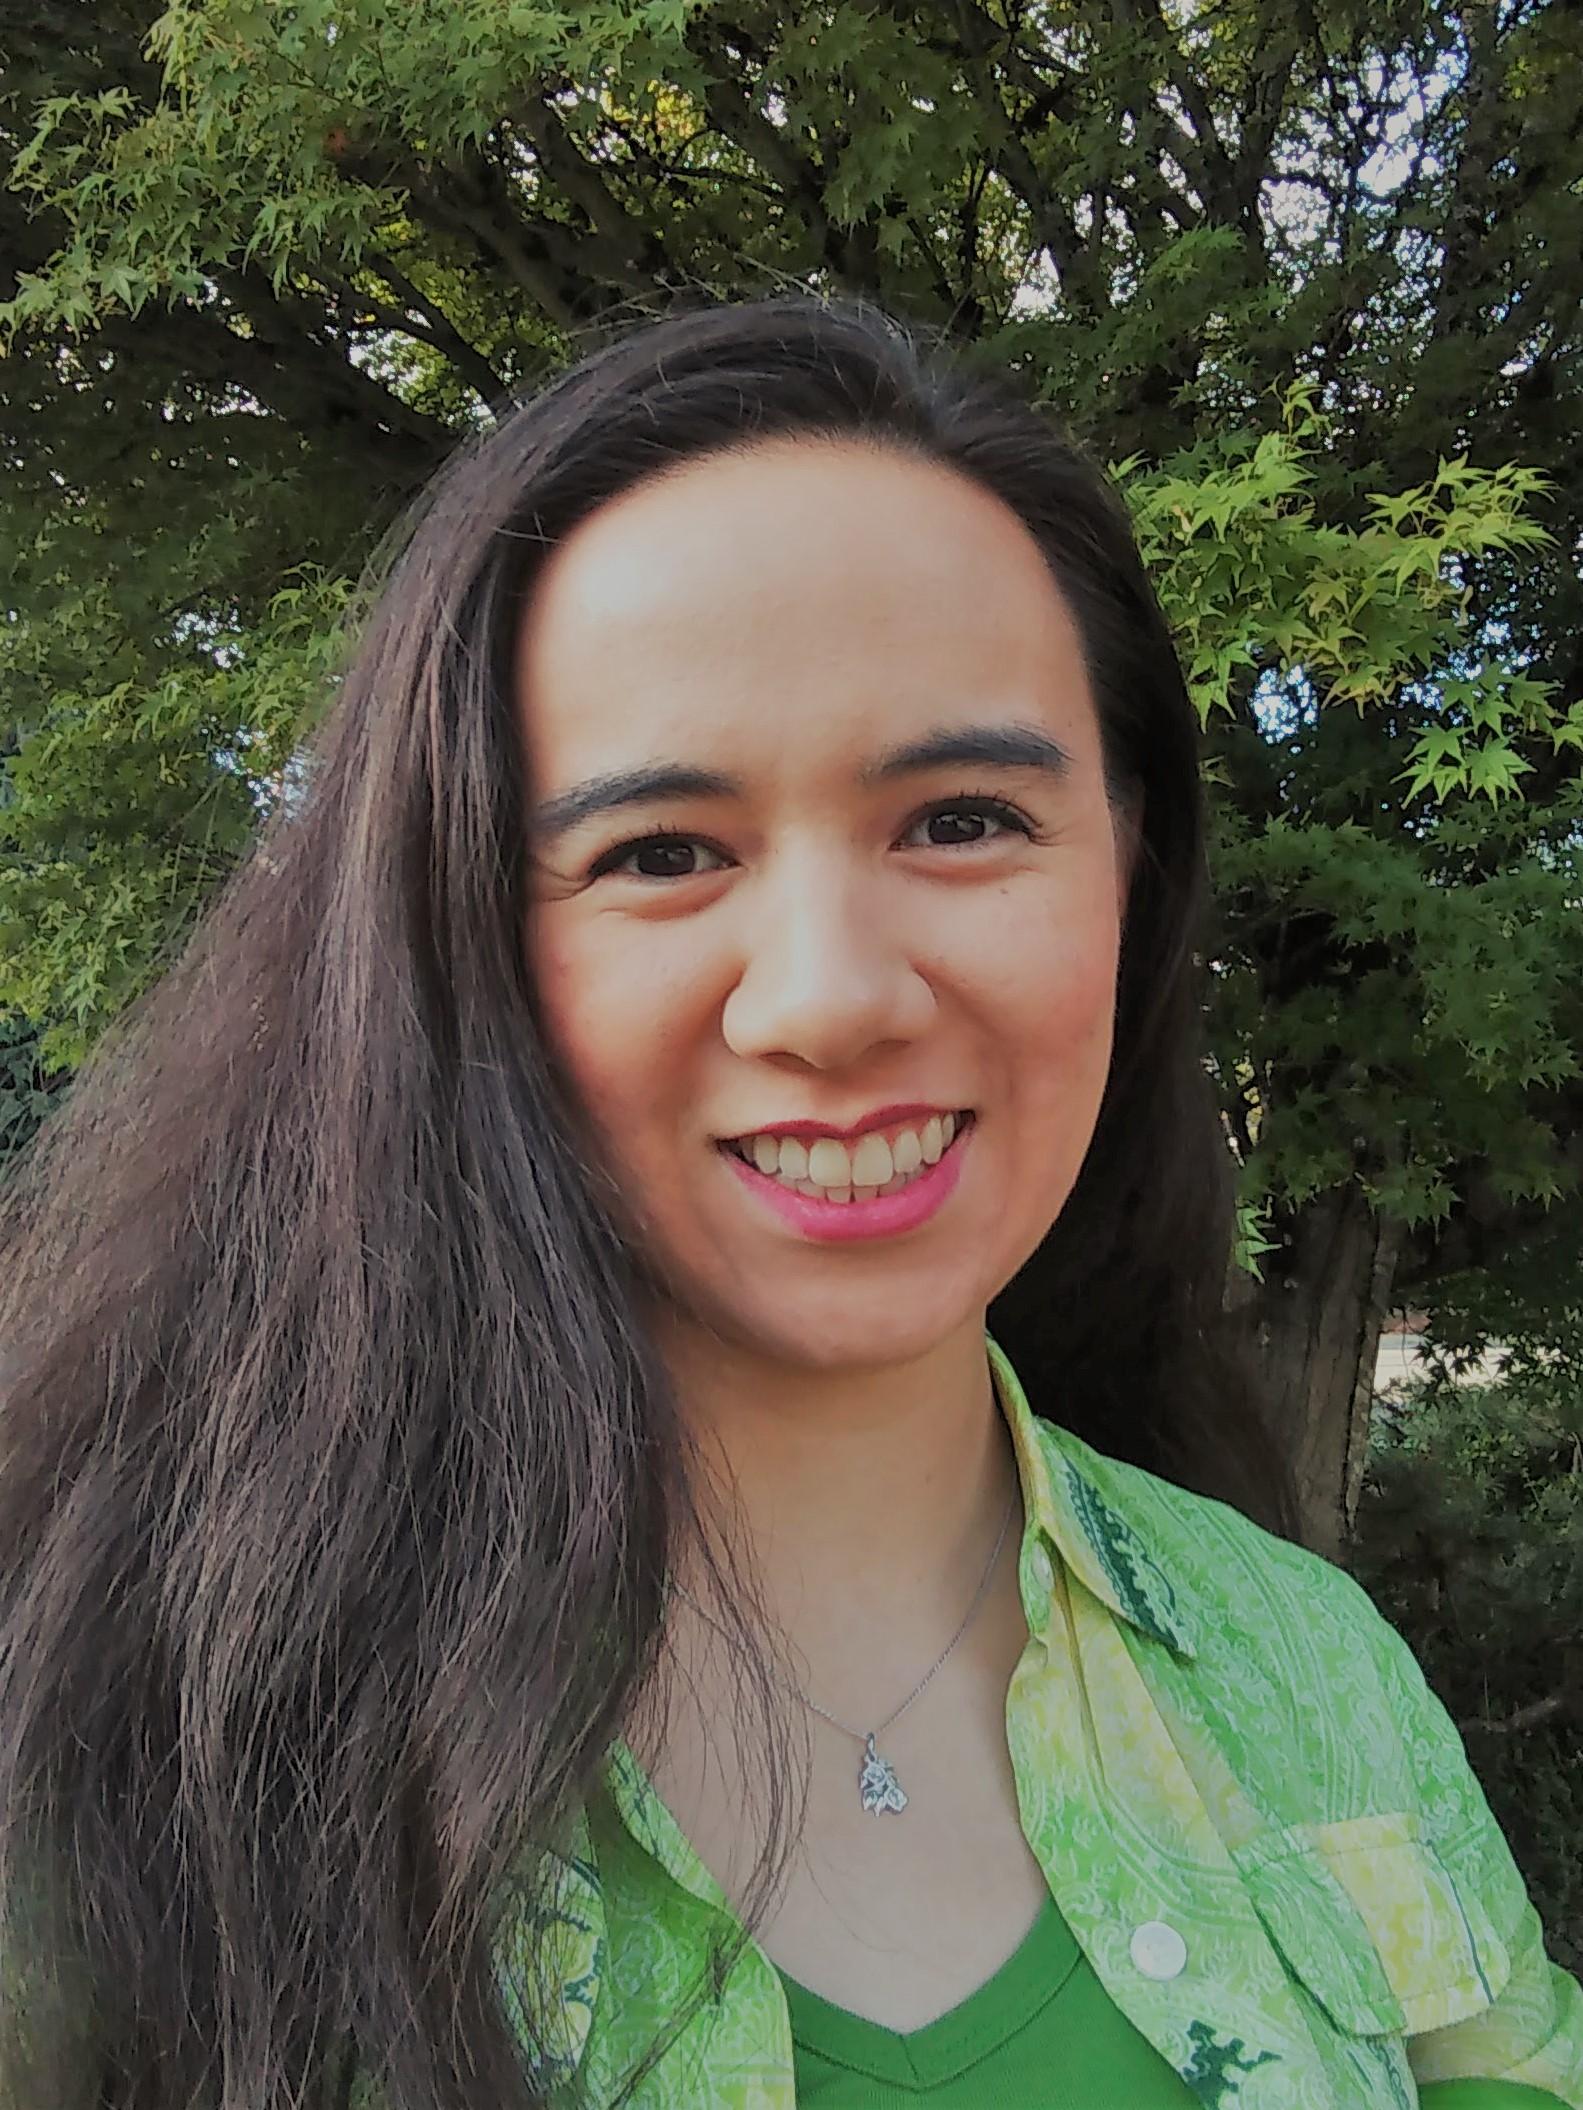 Maria Wanner - Director of Evangelization